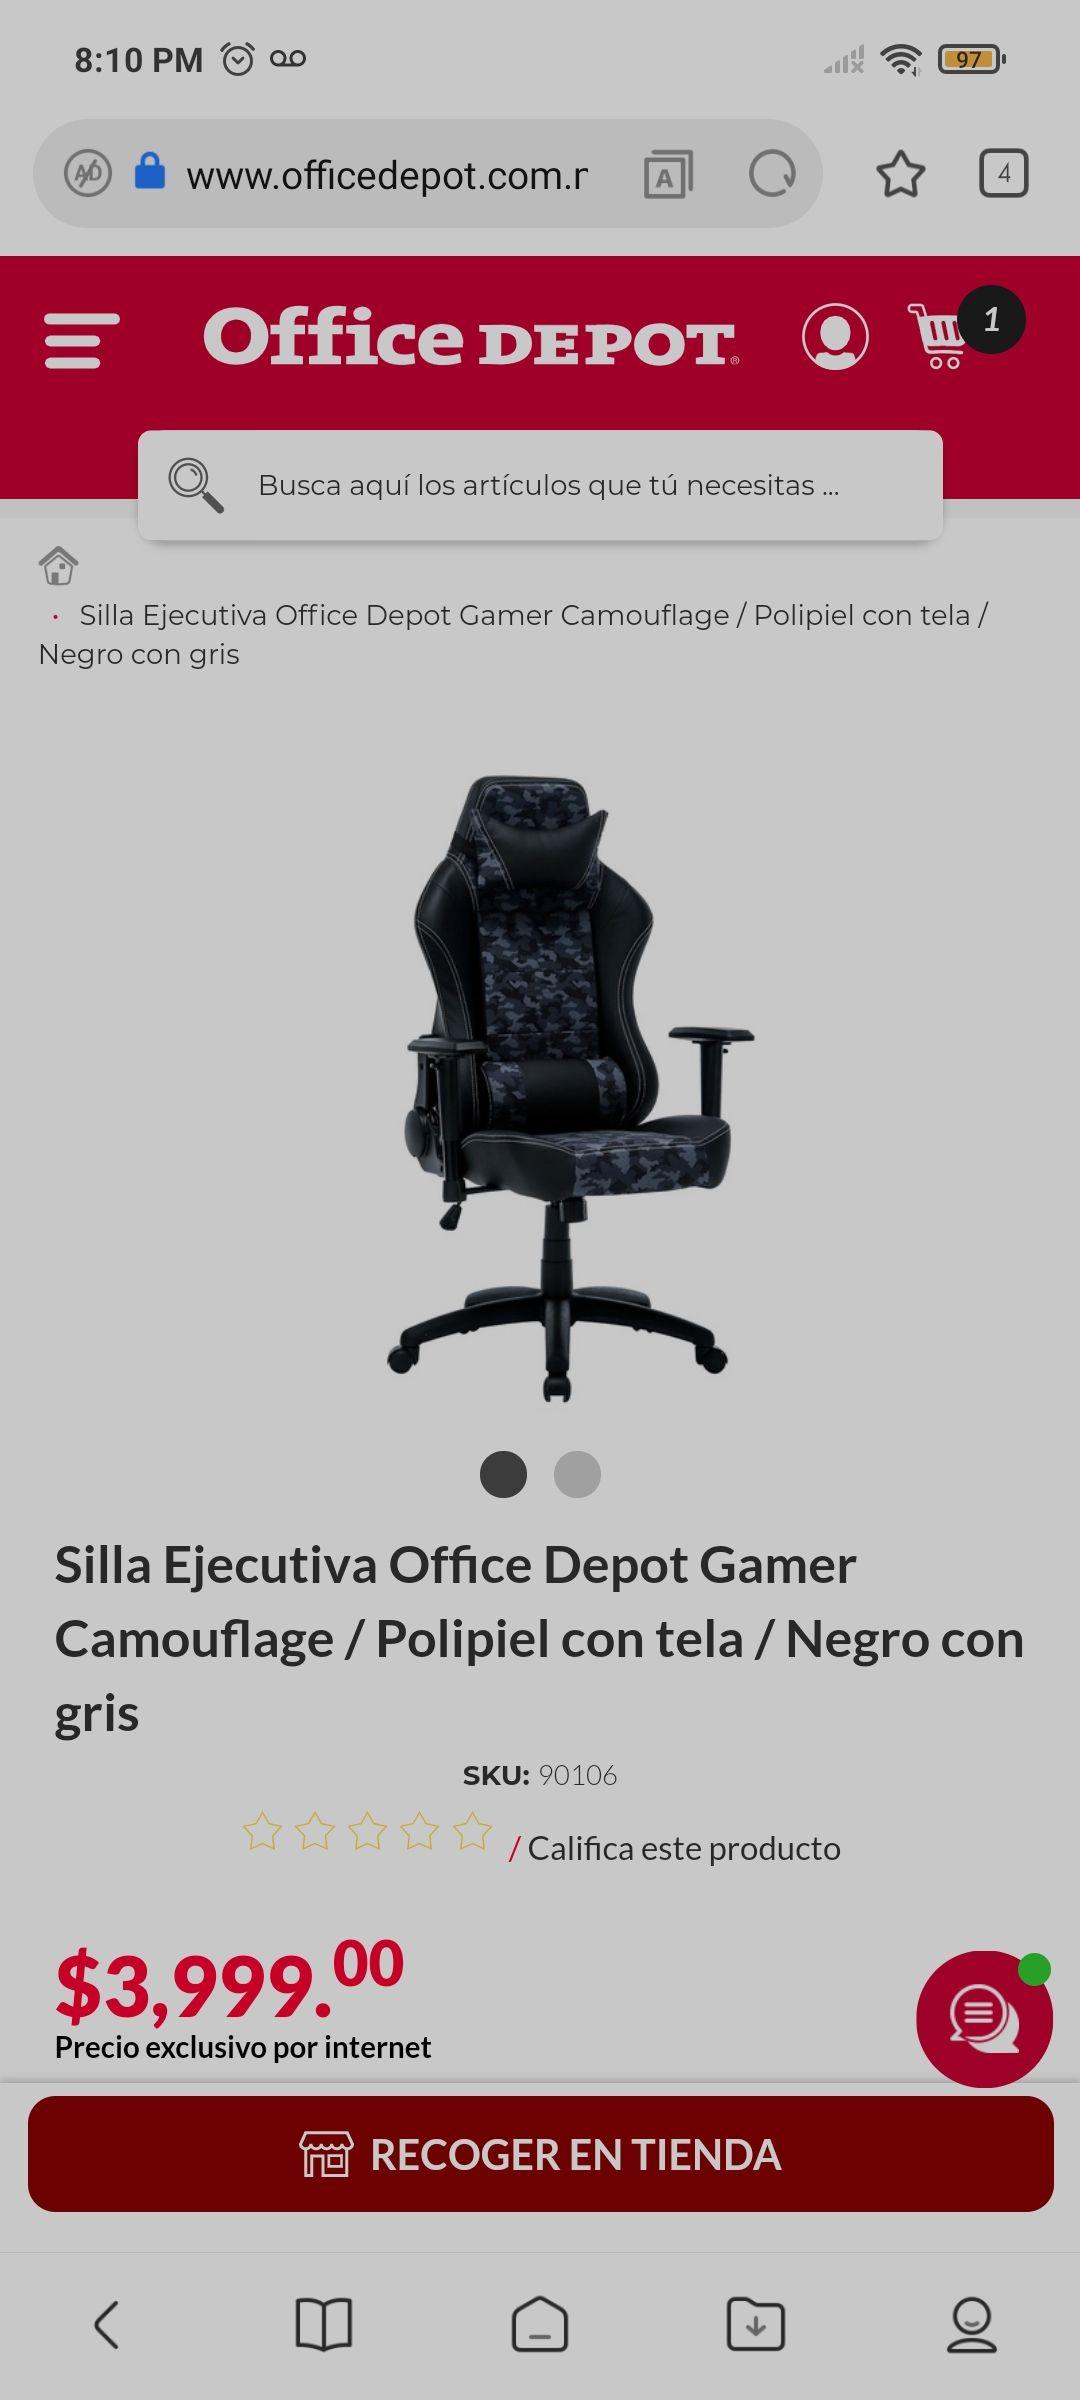 Office Depot: Silla Ejecutiva Gamer Camouflage / Polipiel con tela / Negro con gris